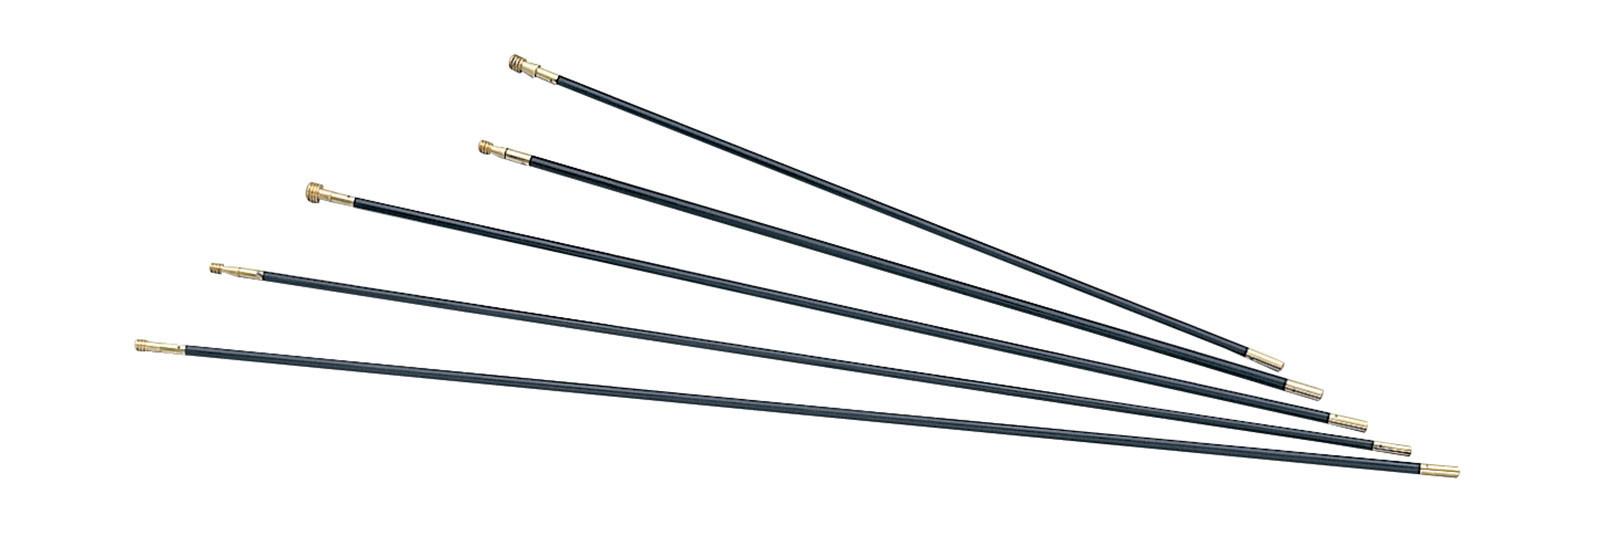 Muzzleloading Fiberglass ramrods 9x750 mm